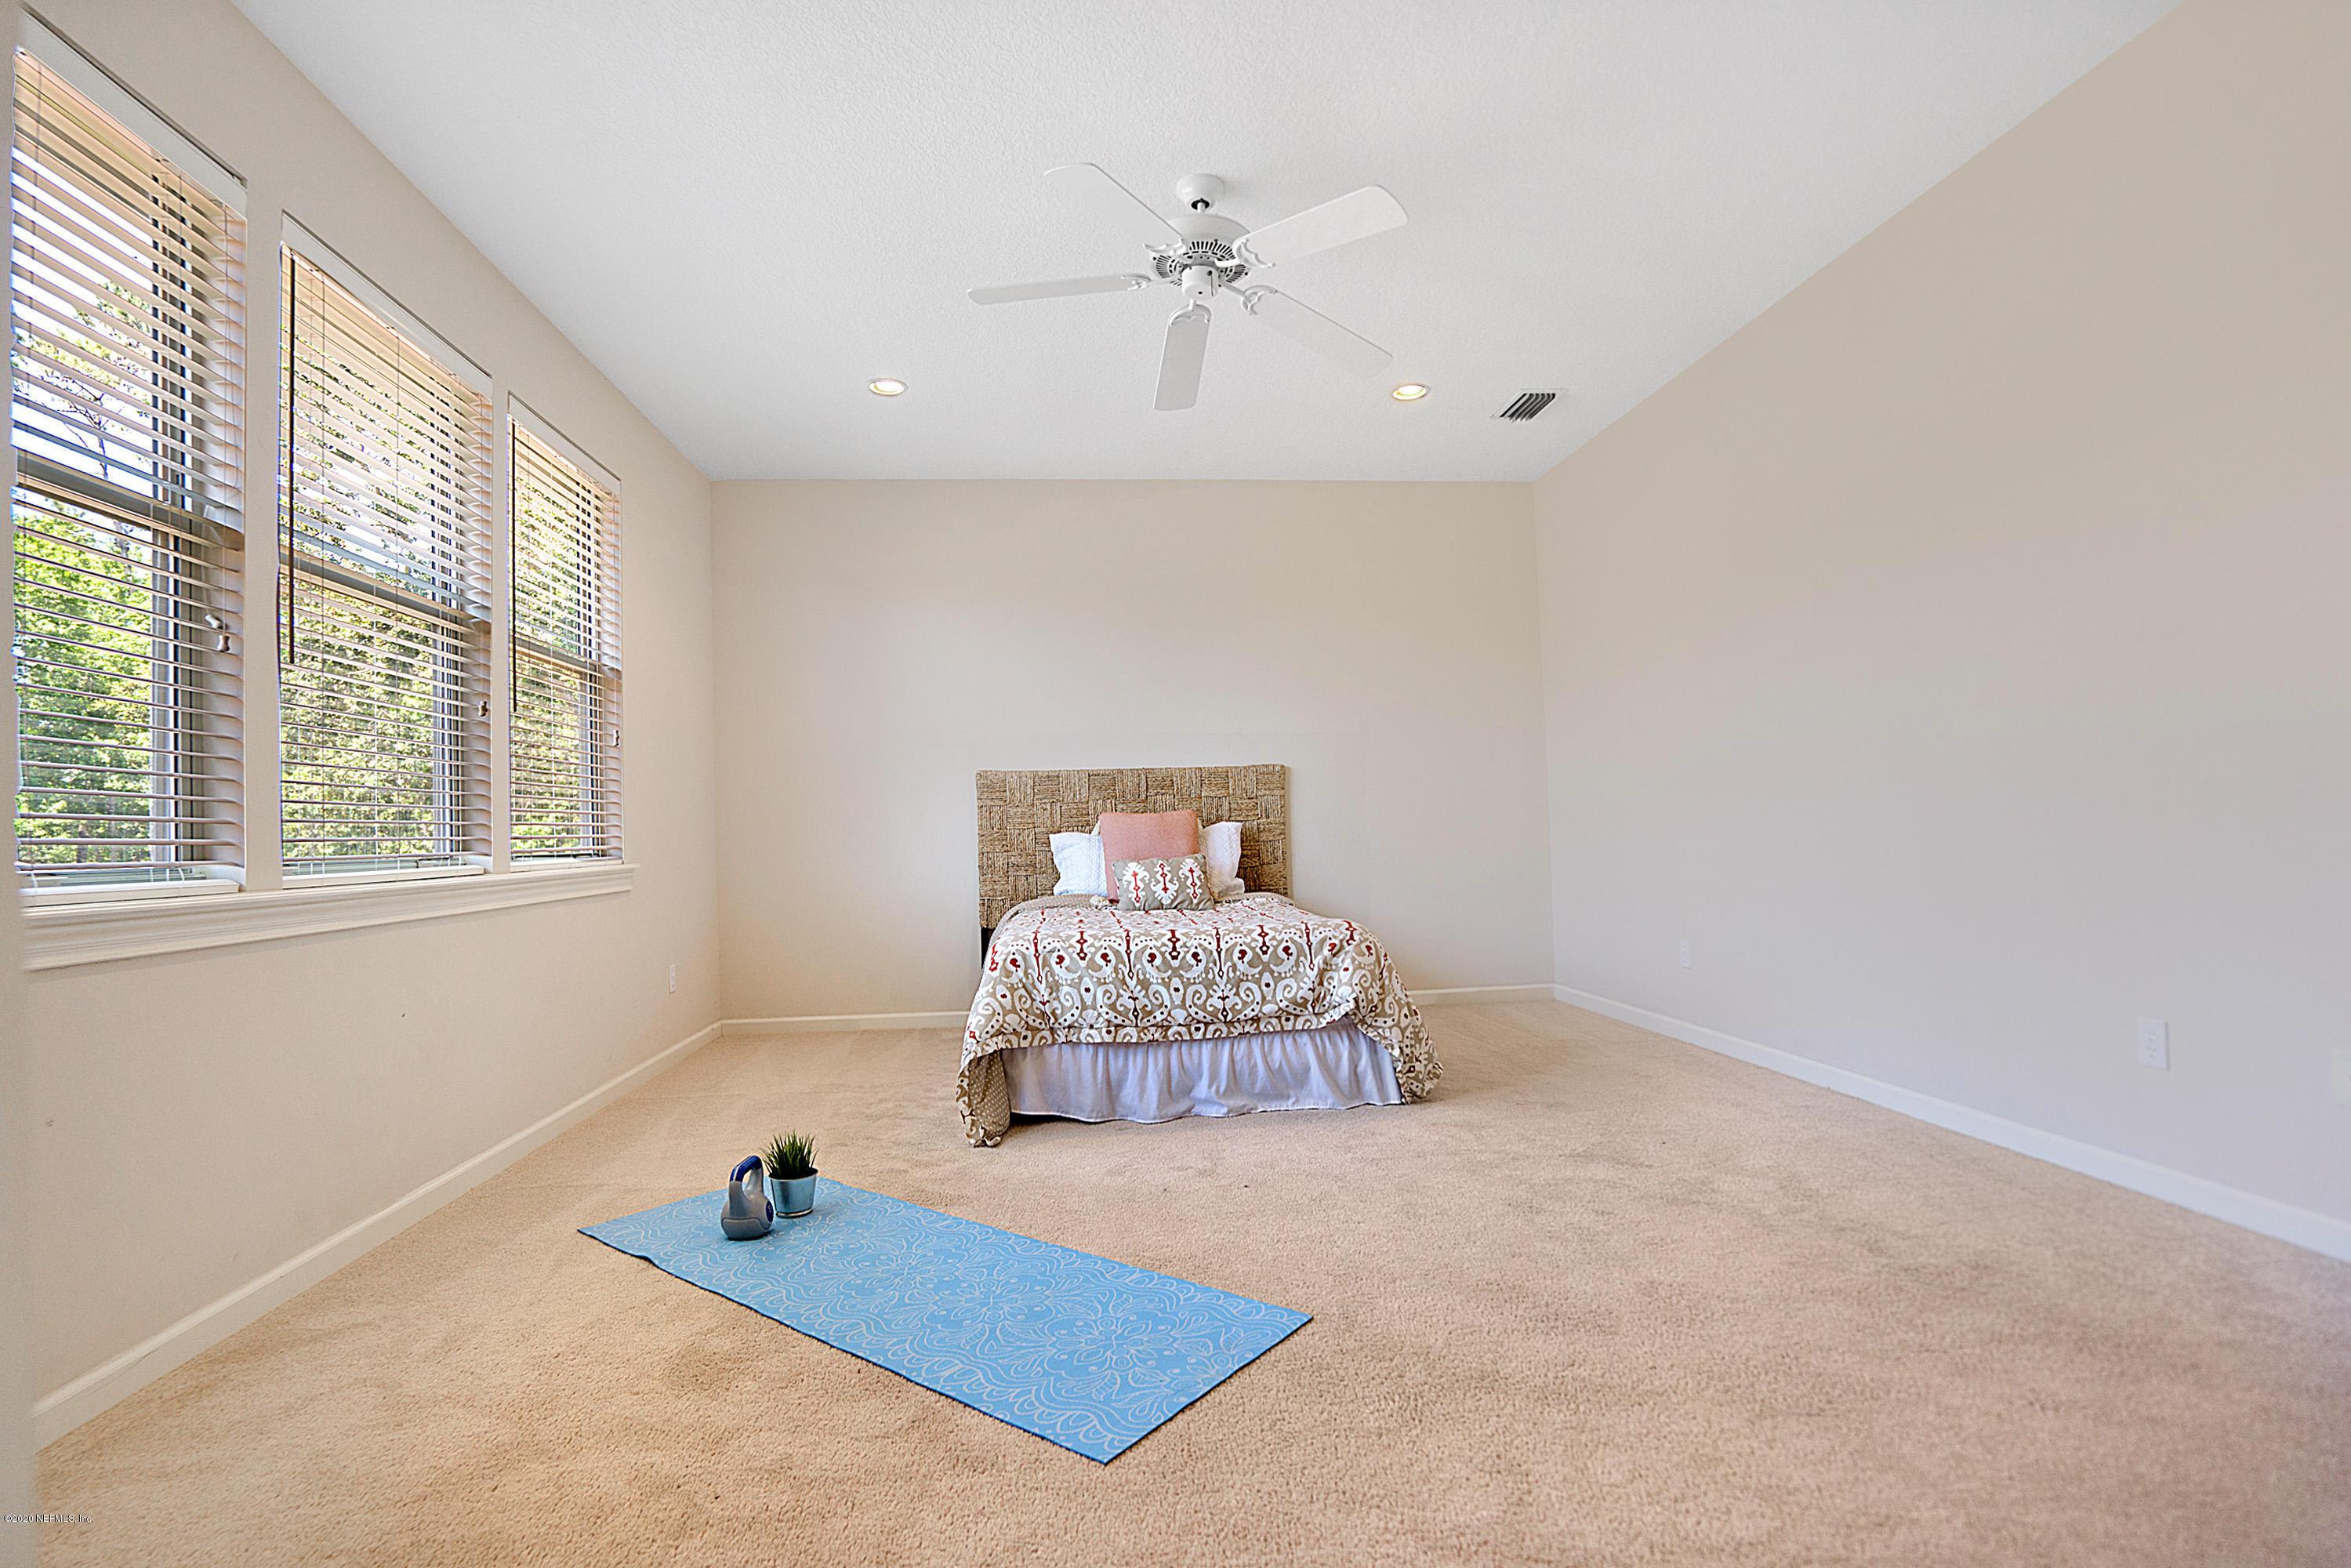 145 DEER COVE, PONTE VEDRA BEACH, FLORIDA 32082, 4 Bedrooms Bedrooms, ,3 BathroomsBathrooms,Residential,For sale,DEER COVE,1053048